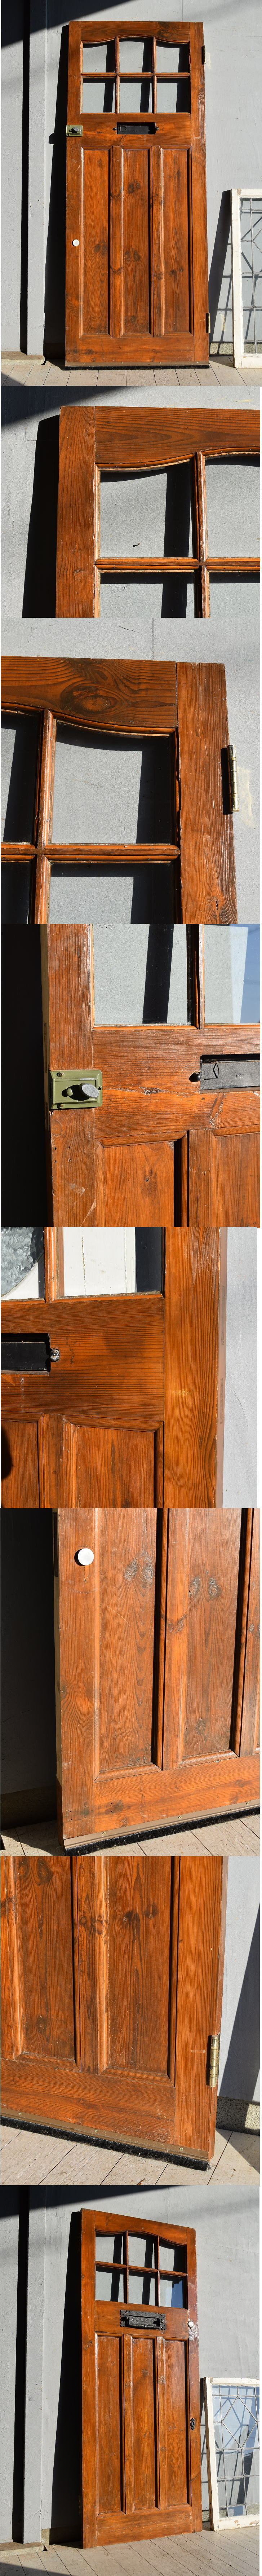 イギリス アンティーク ドア 扉 建具 7587